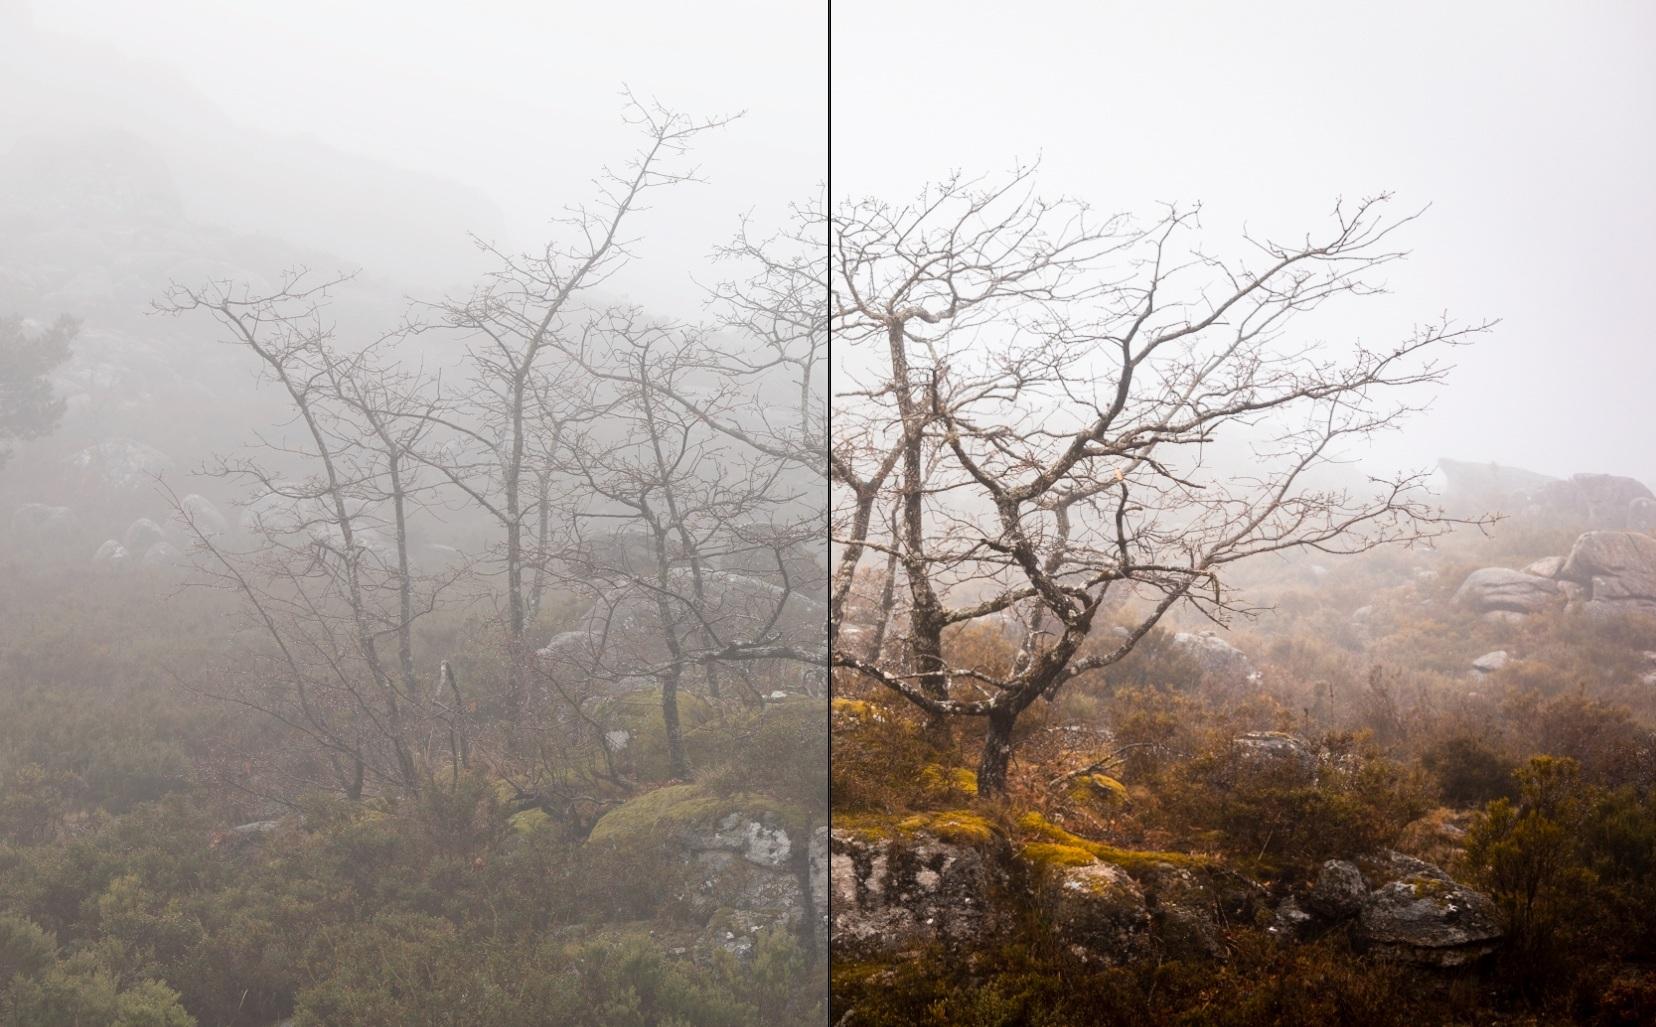 Com alguns retoques podemos passar rapidamente da imagem à esquerda (antes) para a imagem à nossa direita (depois). Conseguimos obter um aumento substancial de detalhe e contraste juntamente com um aumento de saturação das cores!